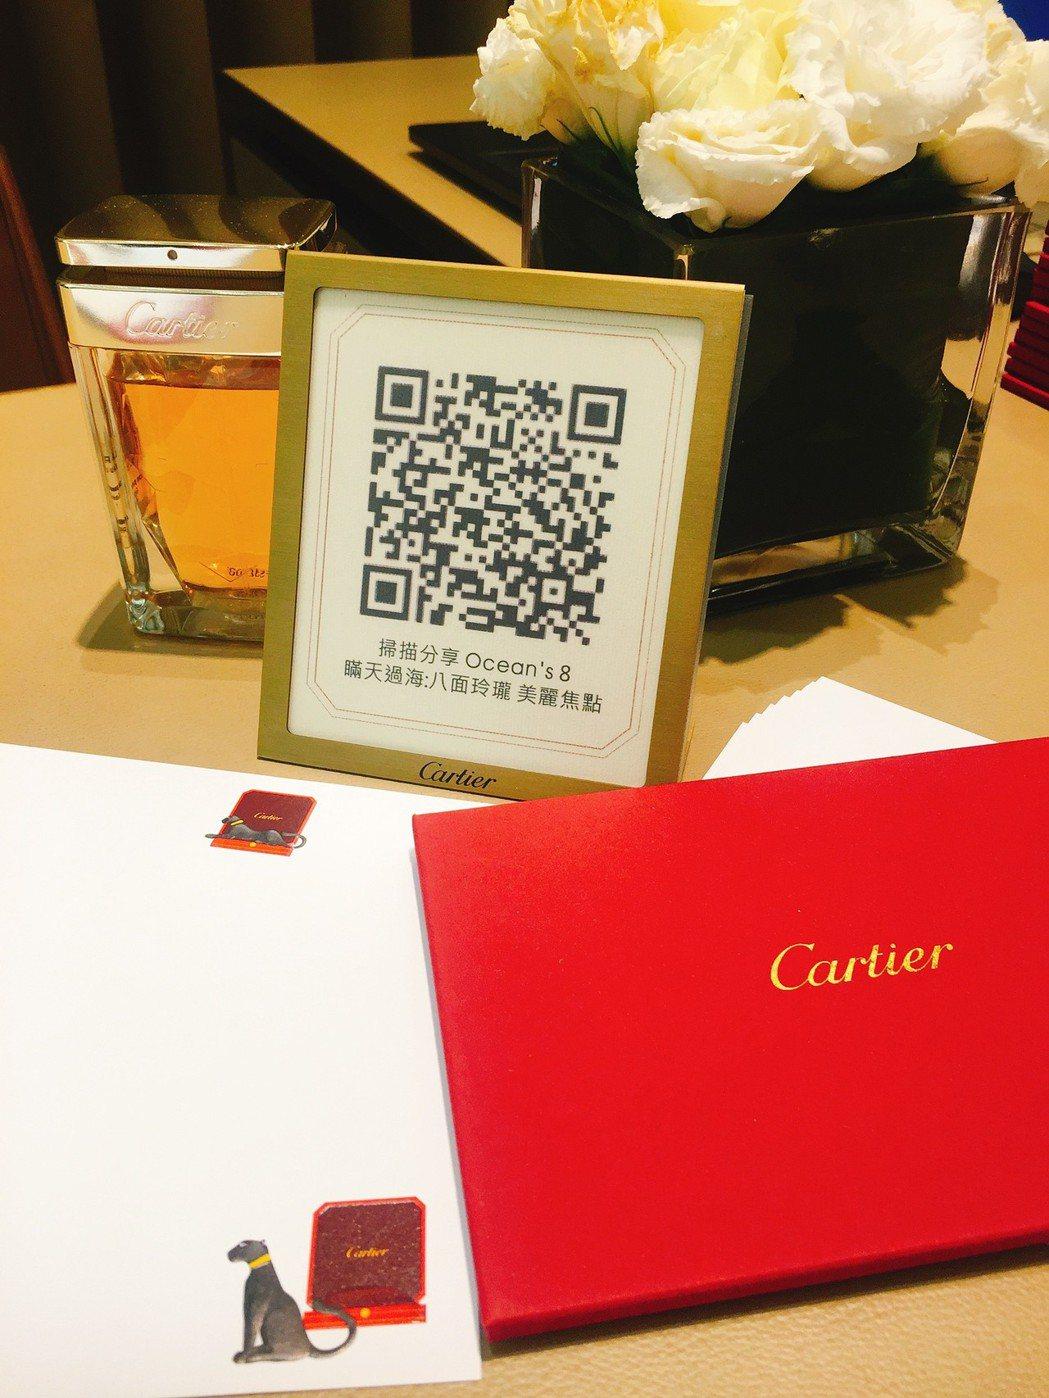 即日起至6月18日到微風廣場一樓的Cartier專櫃,打卡分享電影裡Cartie...